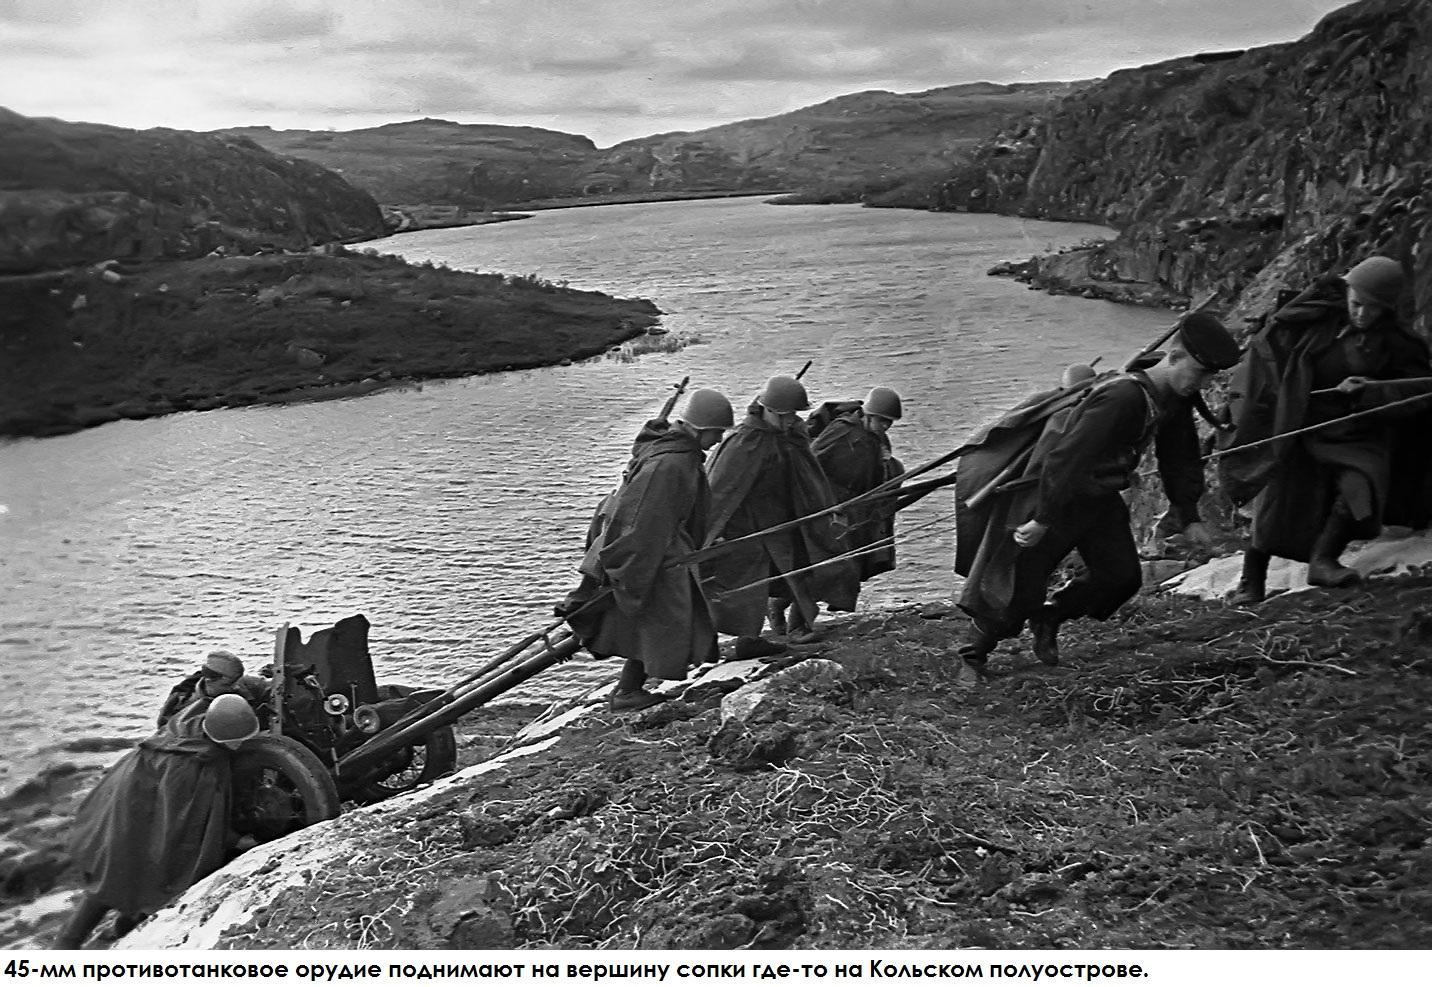 фото 45-мм противотанкового орудия